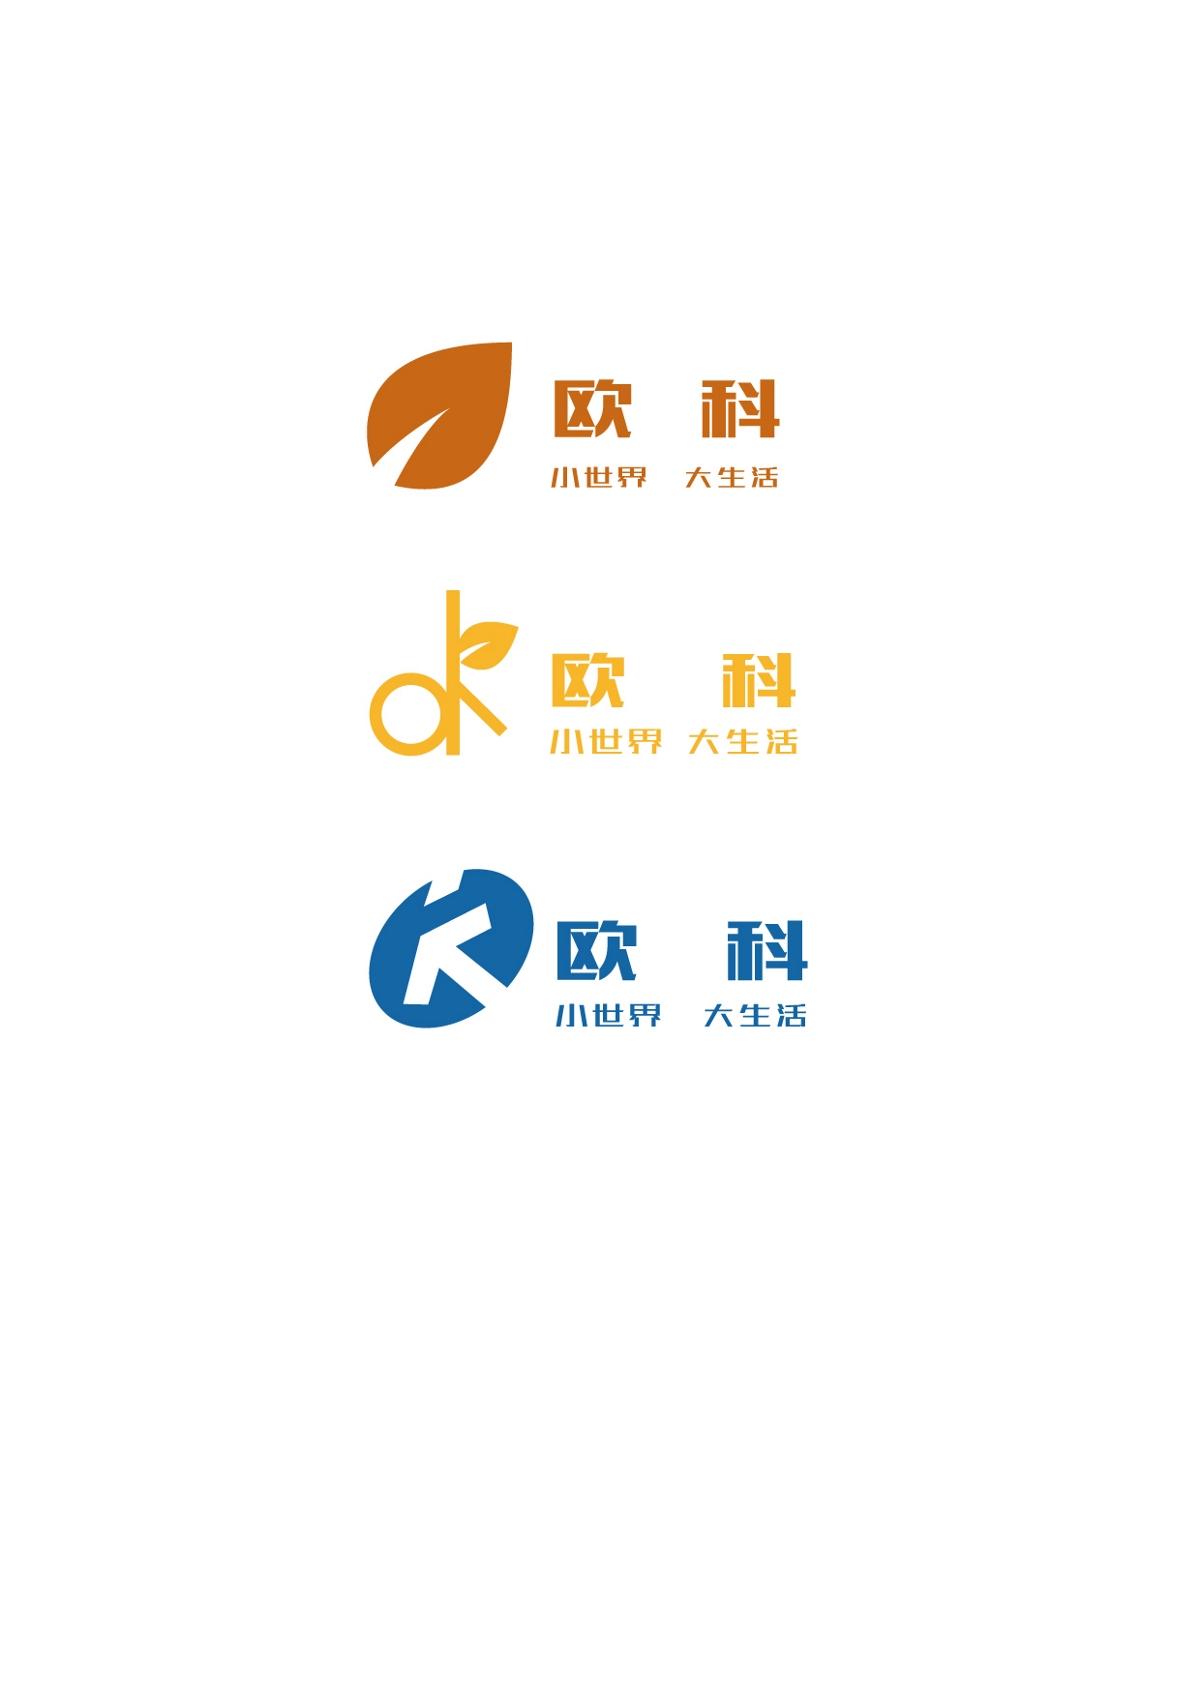 欧科logo设计-中国设计网